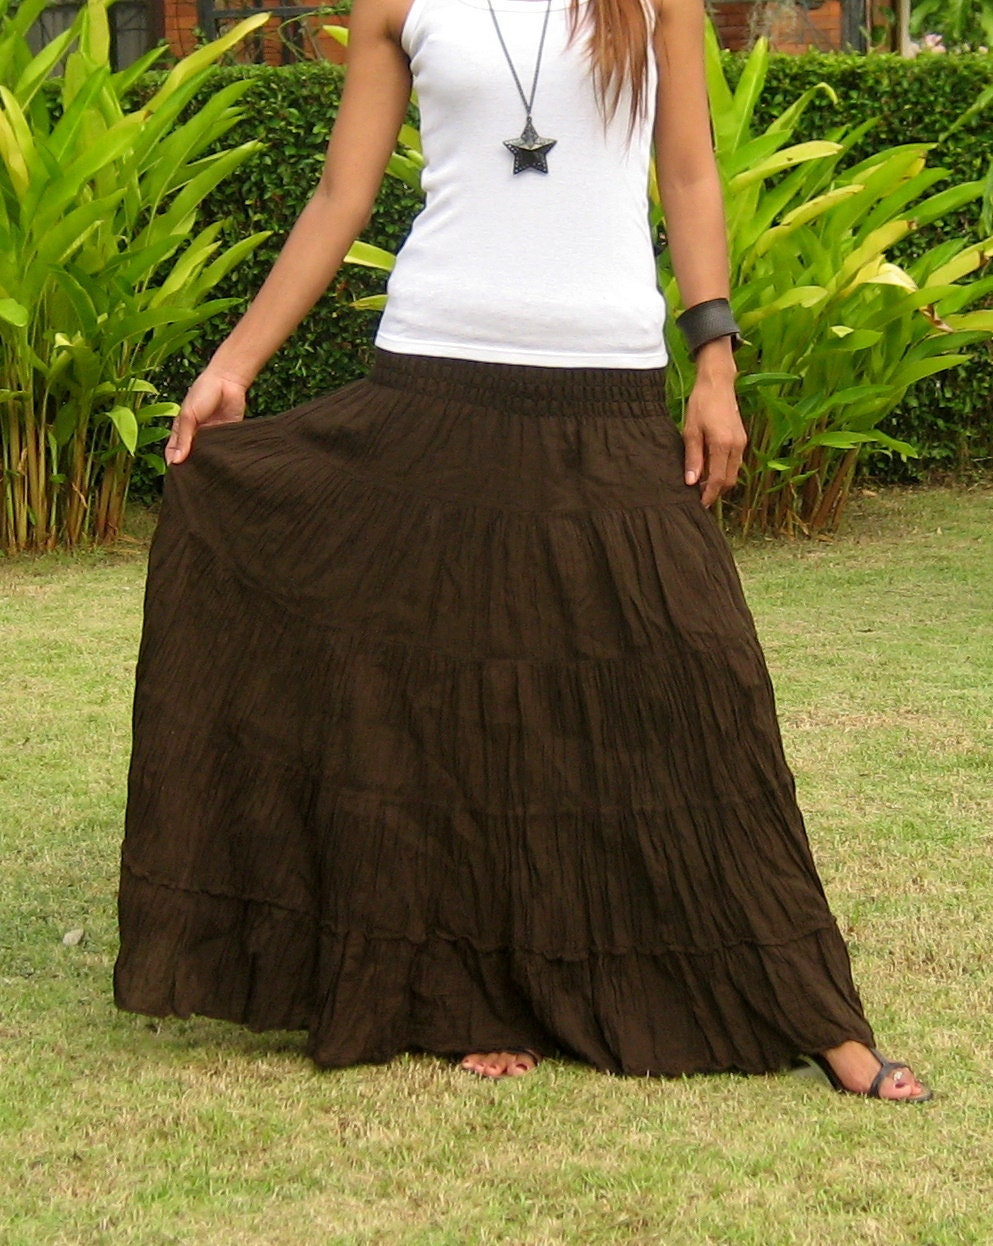 Plus Size  Extra Long Maxi Skirt  Long Skirts For Women  Pleated Skirt   Crinkle Skirt  Boho Skirt  Hippie Skirt  choco  XS – XXL